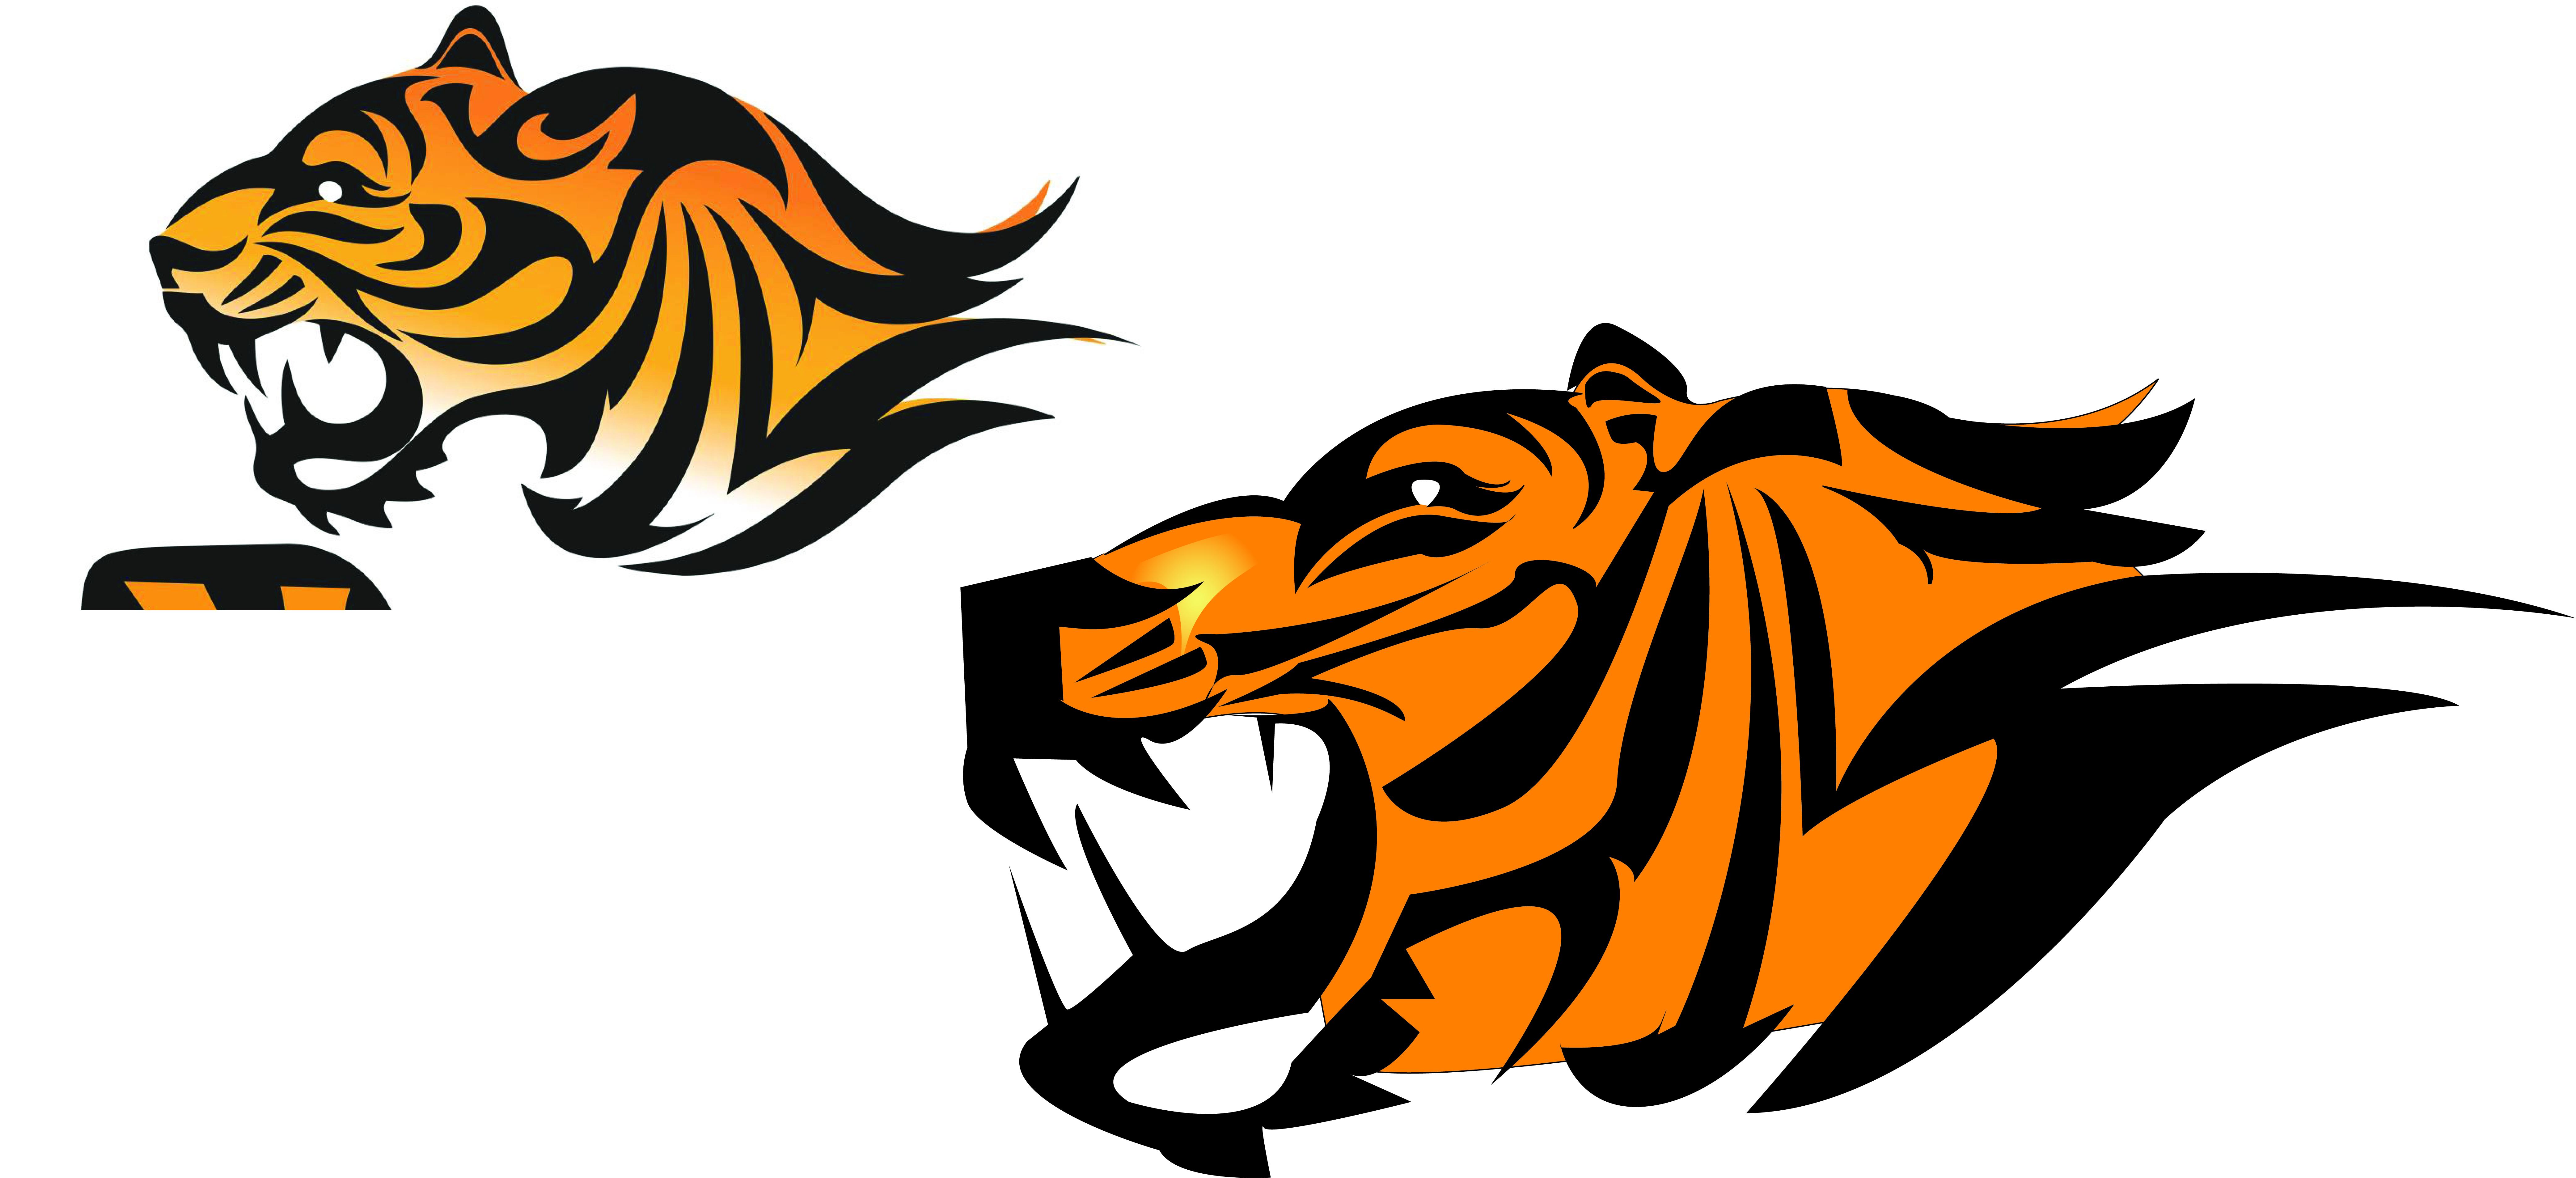 Tiger Illustrator Designs